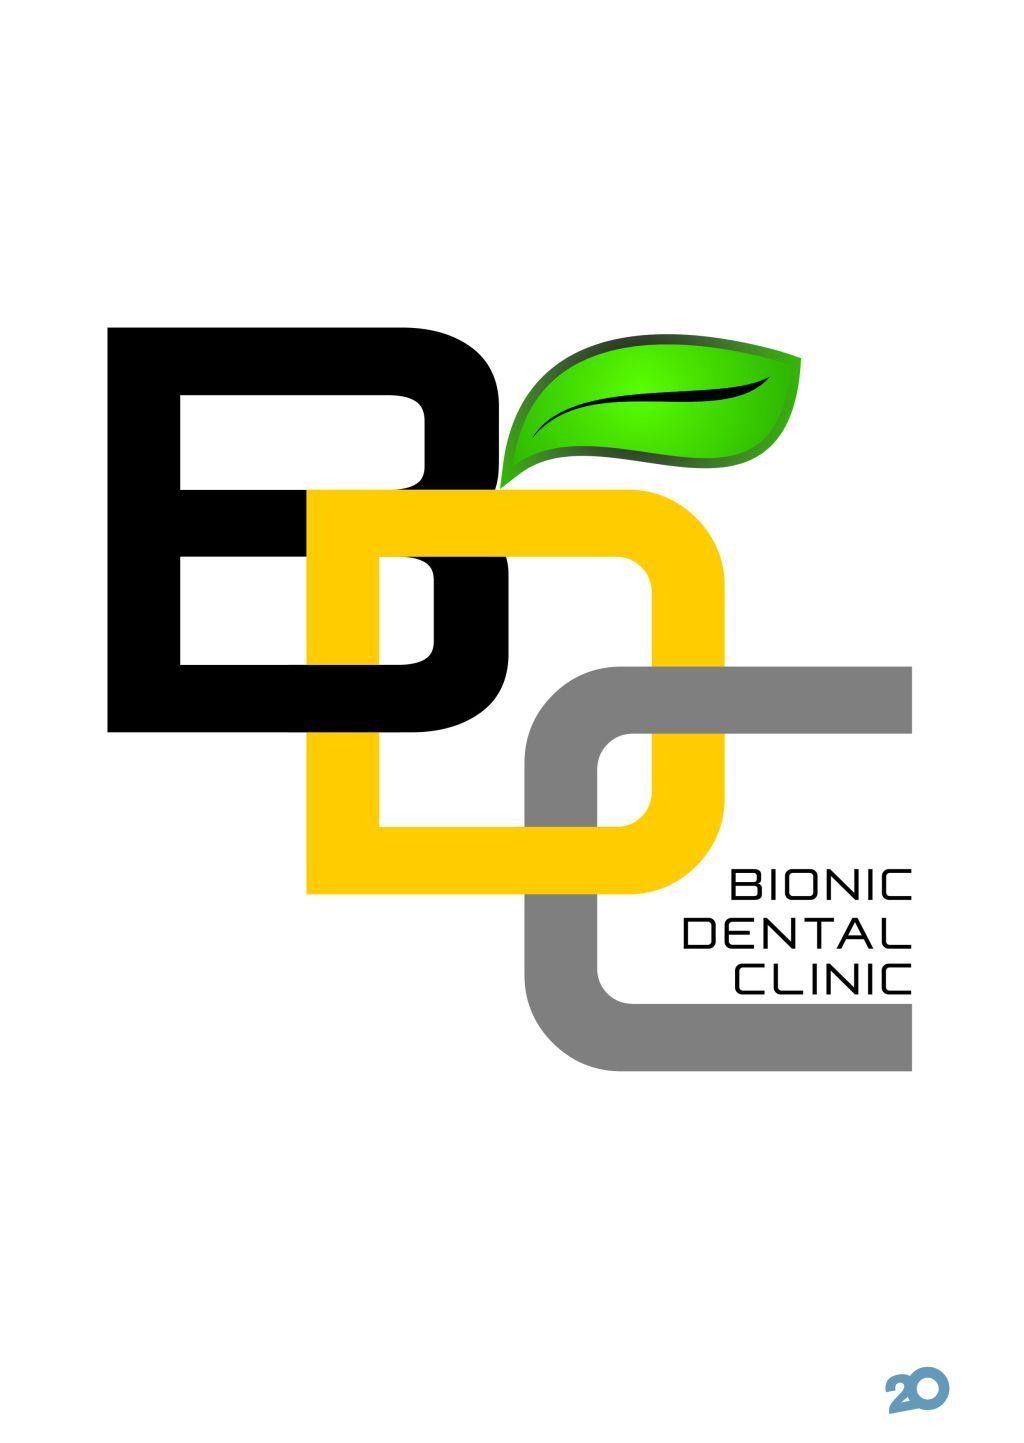 Логотип Bionic Dental Clinic біонічна стоматологія м. Рівне